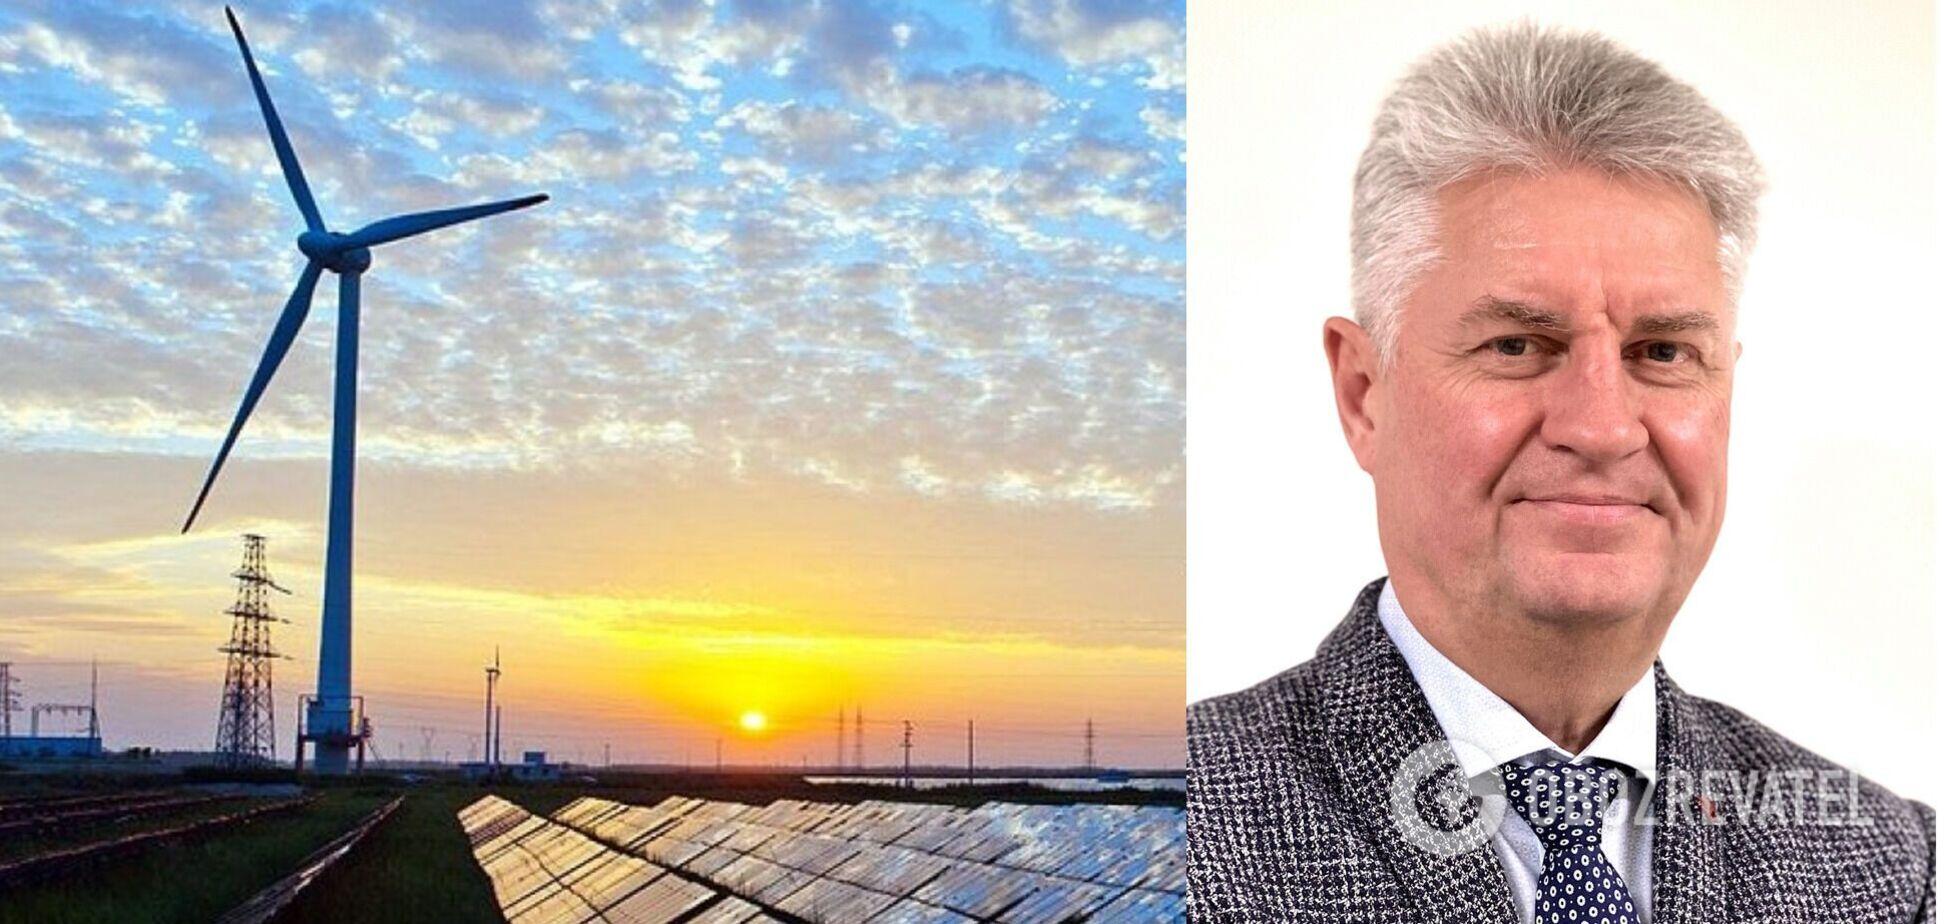 Акцизный сбор на 'зеленую' энергию хотят ввести в интересах экологически вредных предприятий – инвесторы